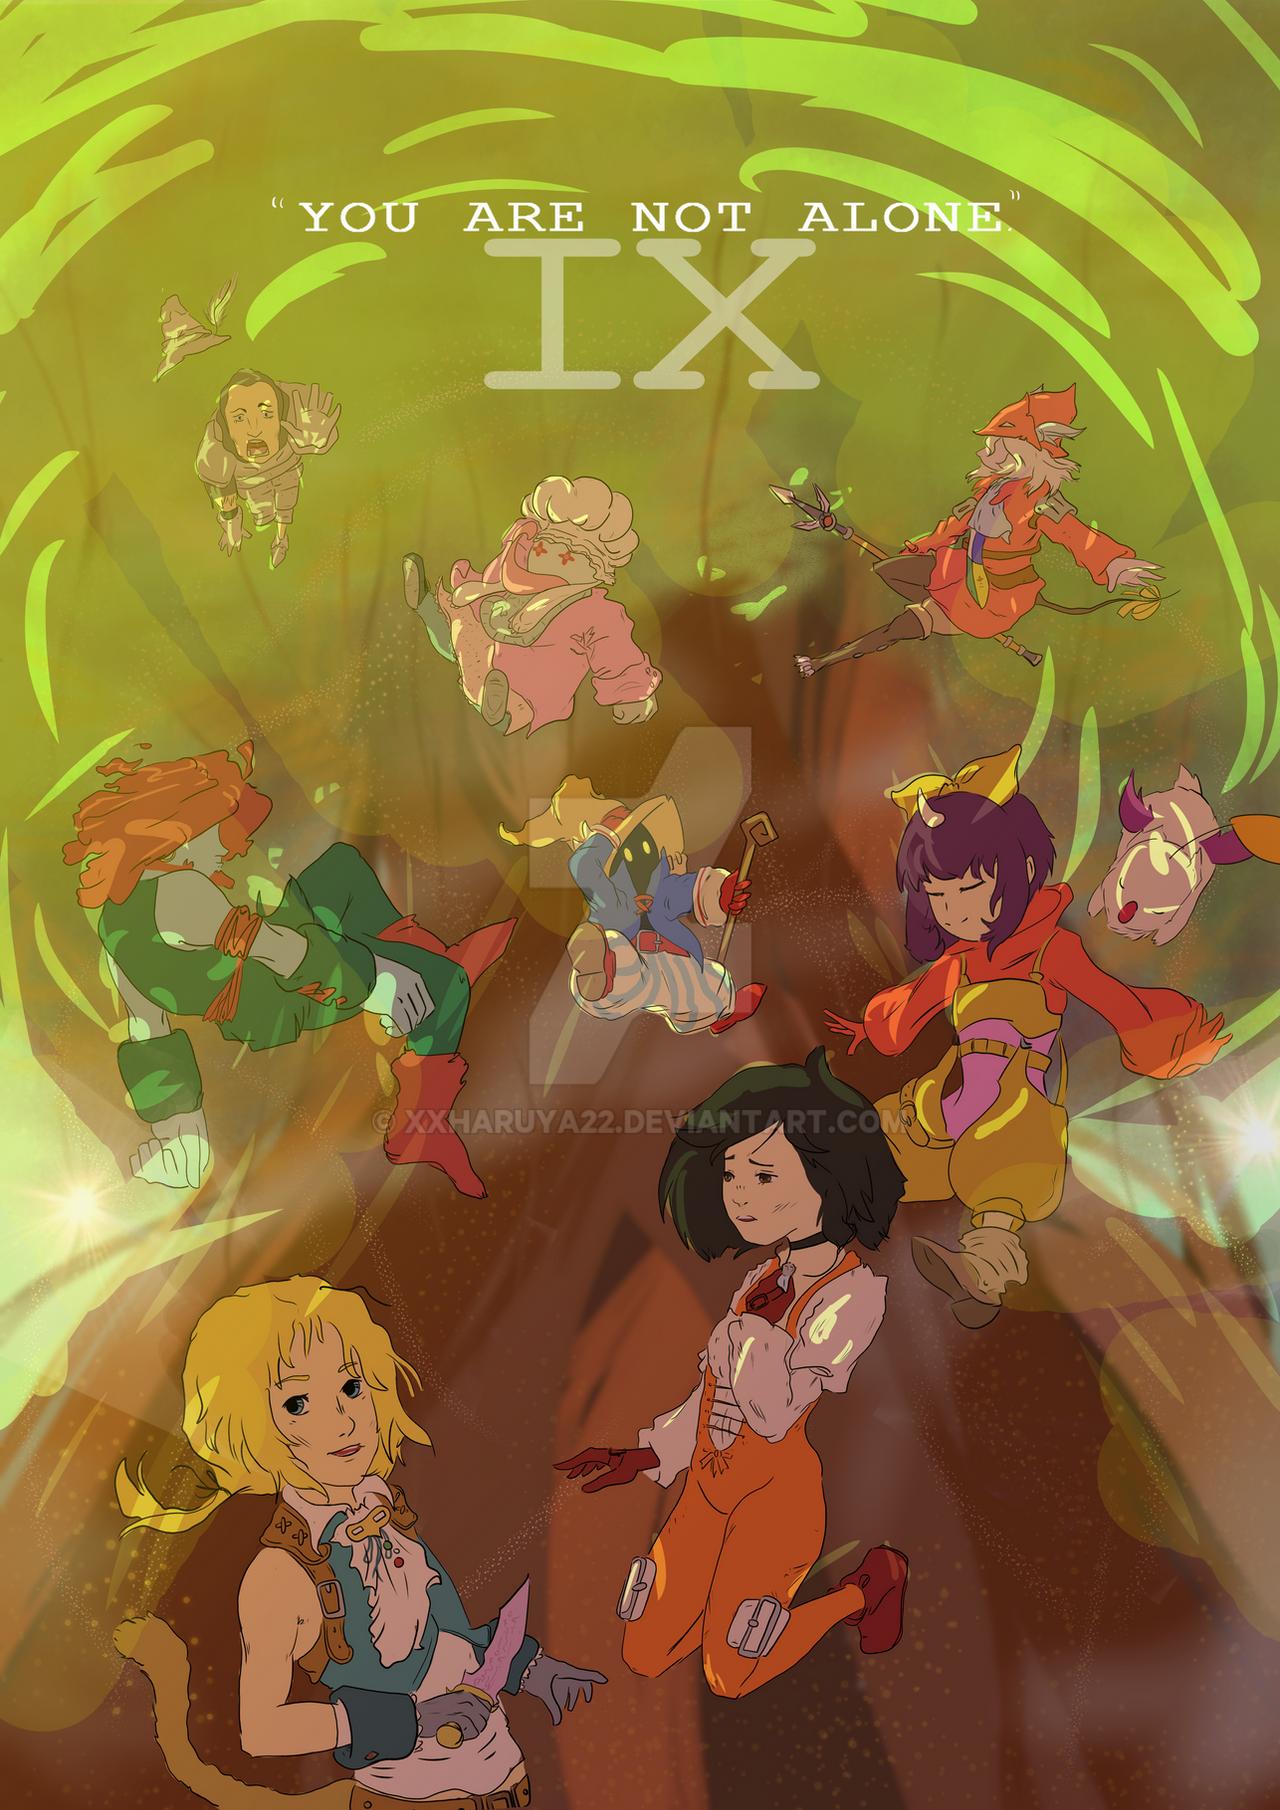 FFIX Poster Process by XXHaruya22